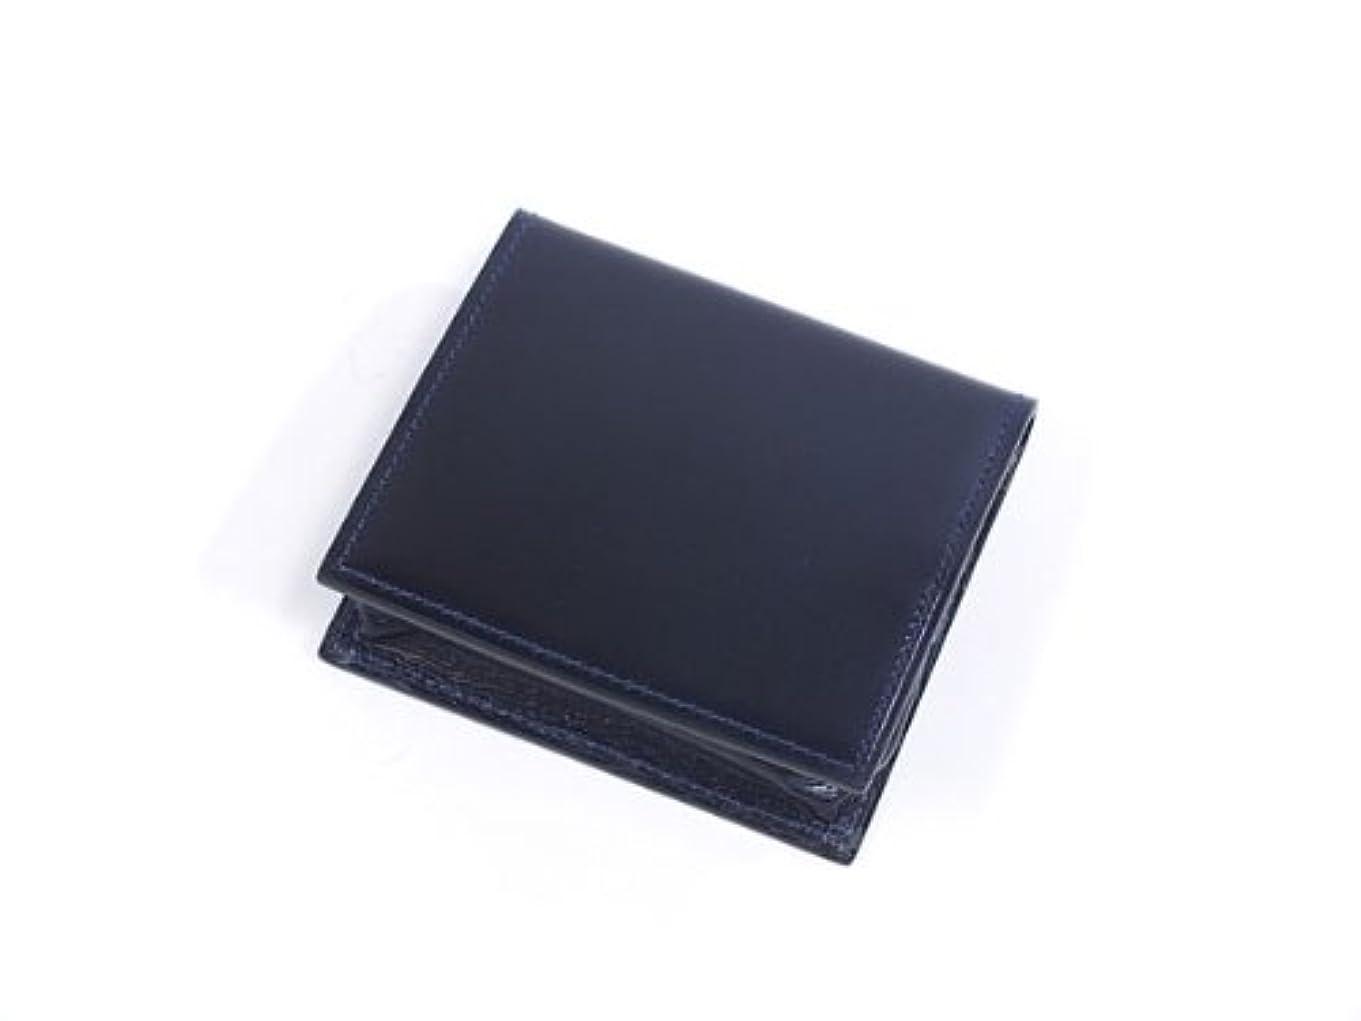 隣接するどういたしましてフェローシップゾンネ SONNE 小銭入れ/コインケース SOC005RE NVY 財布?小物 カードケース mirai1-241994-ak [並行輸入品]